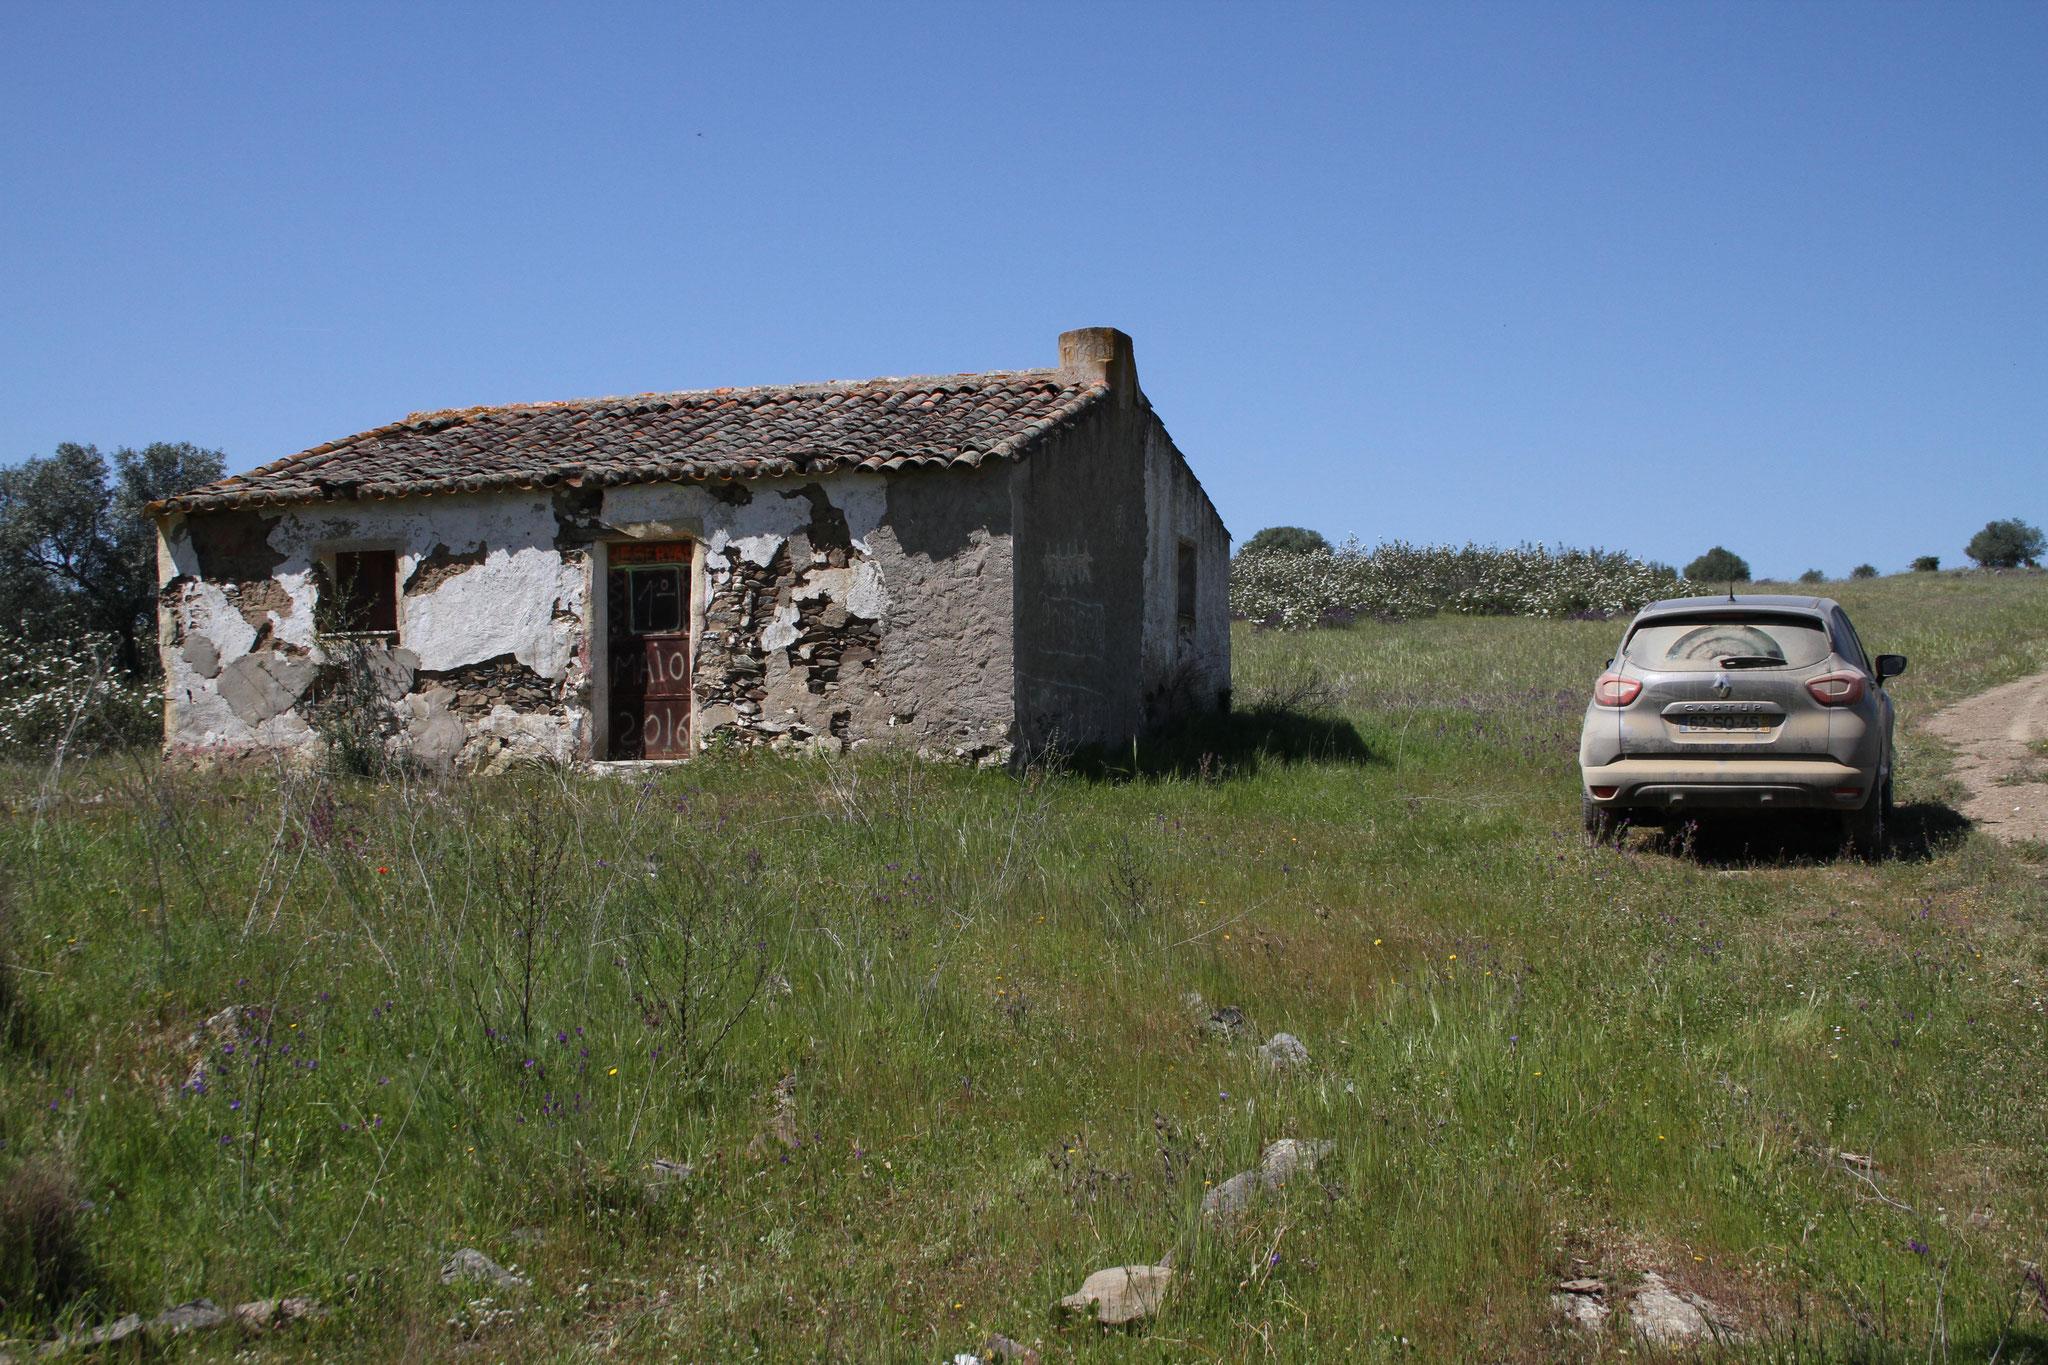 Unser Ferienbungalow und der nigelnagelneue Mietwagen ... nein, solche verfallenen Bauten,  ...